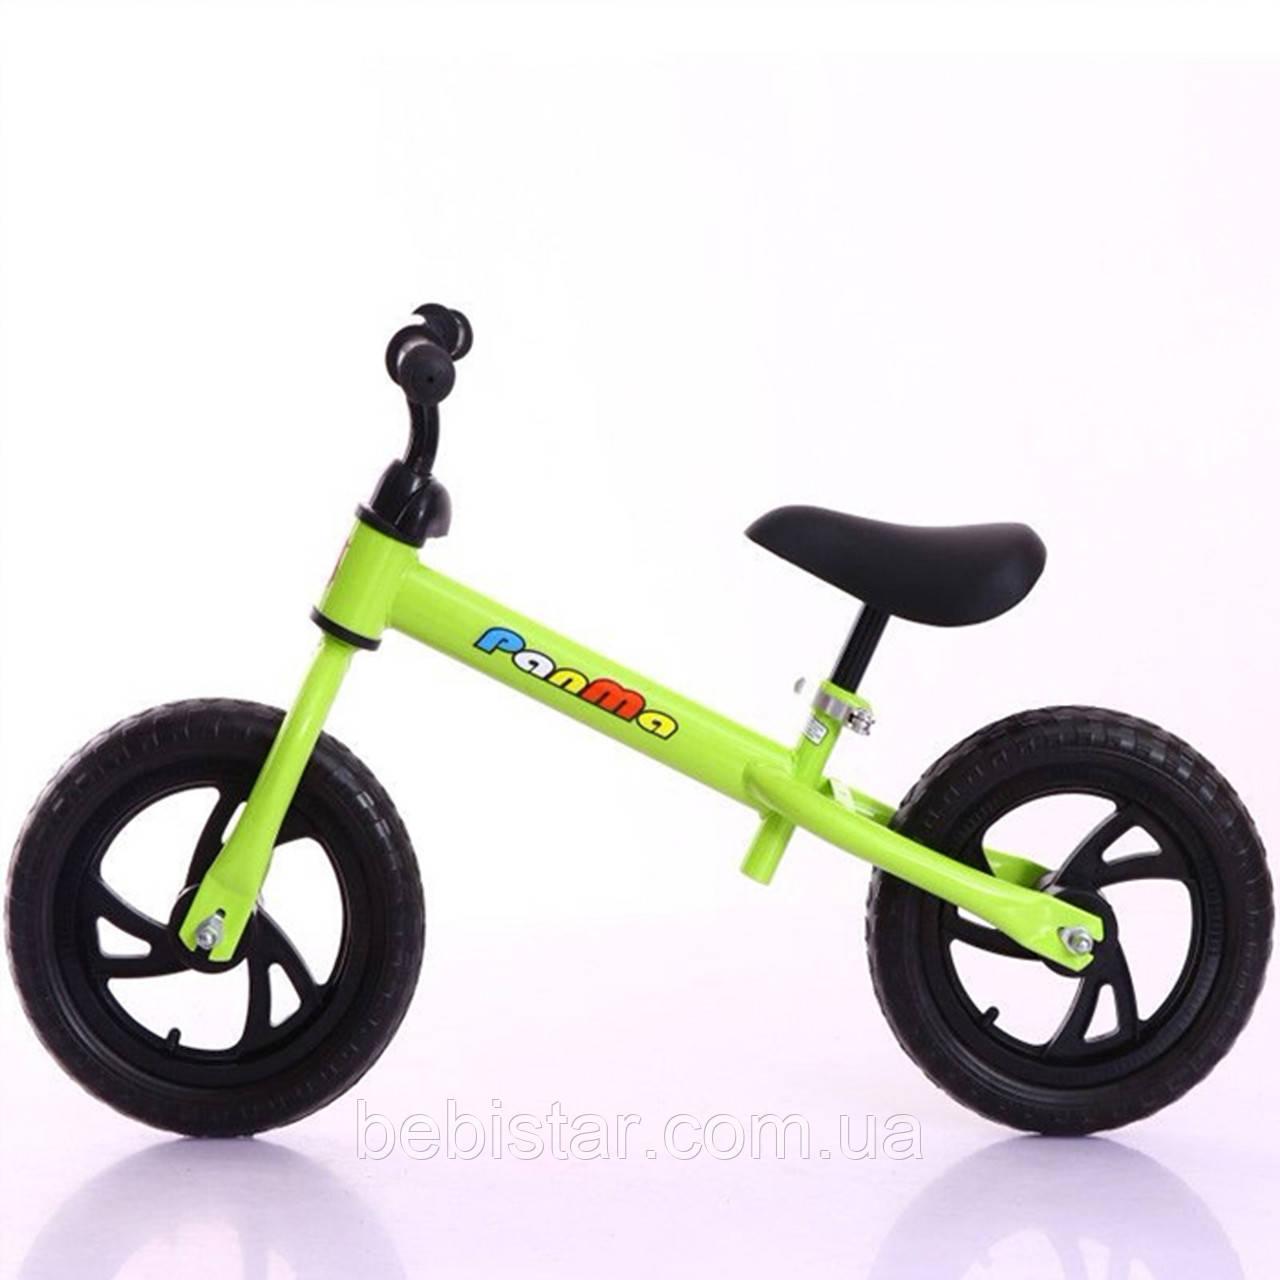 Беговел детский на EVA колесах зеленый TILLY 12 T-212513 Green EVA для деток 2-4 года